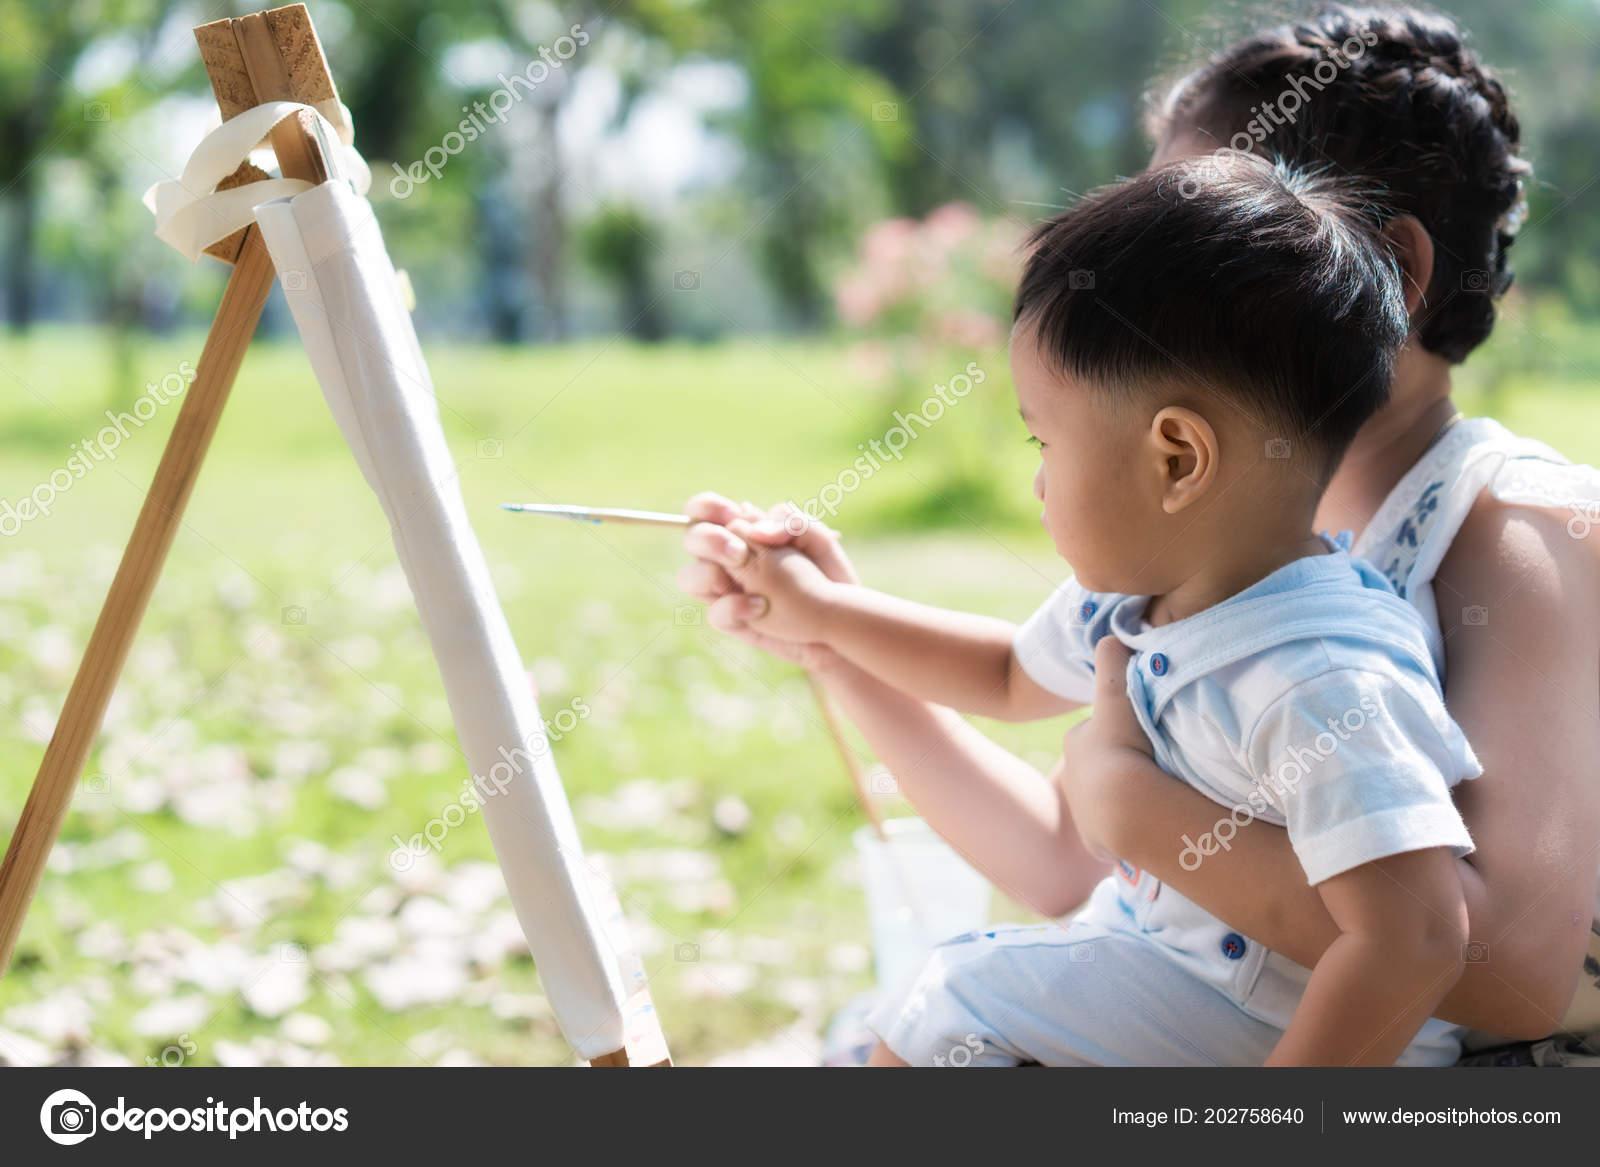 Asia Muchacho Poco Hermana Reunir Parque Niños Pintura Dibujo Los ...